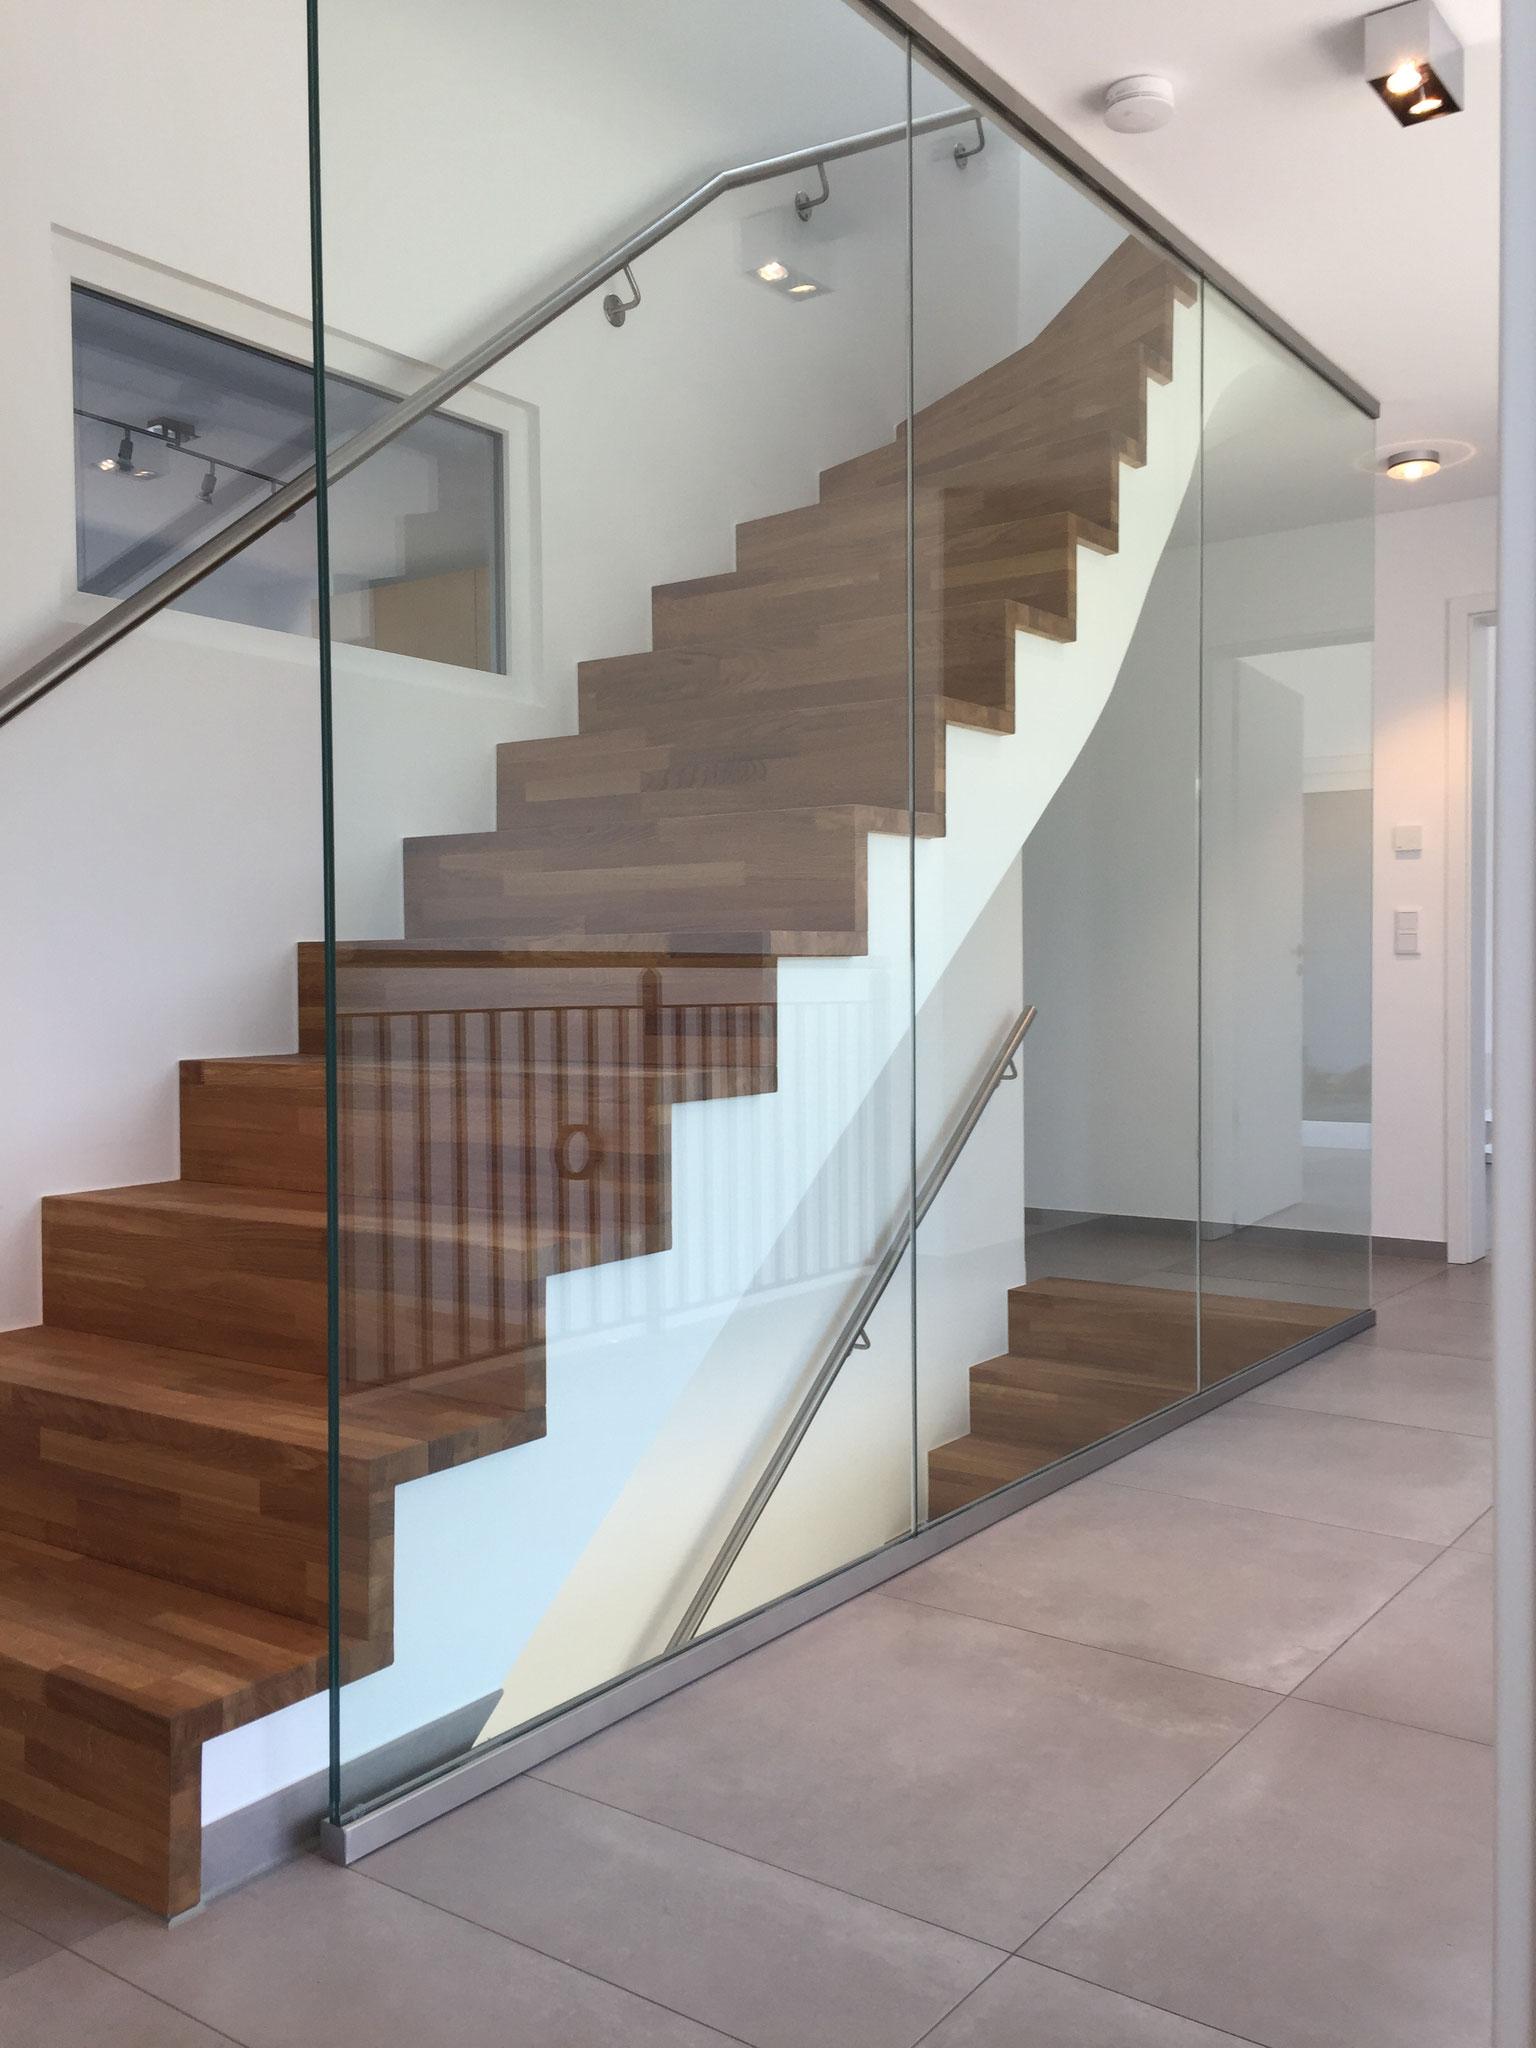 Treppe Holz auf Beton mit Geschossscheibe